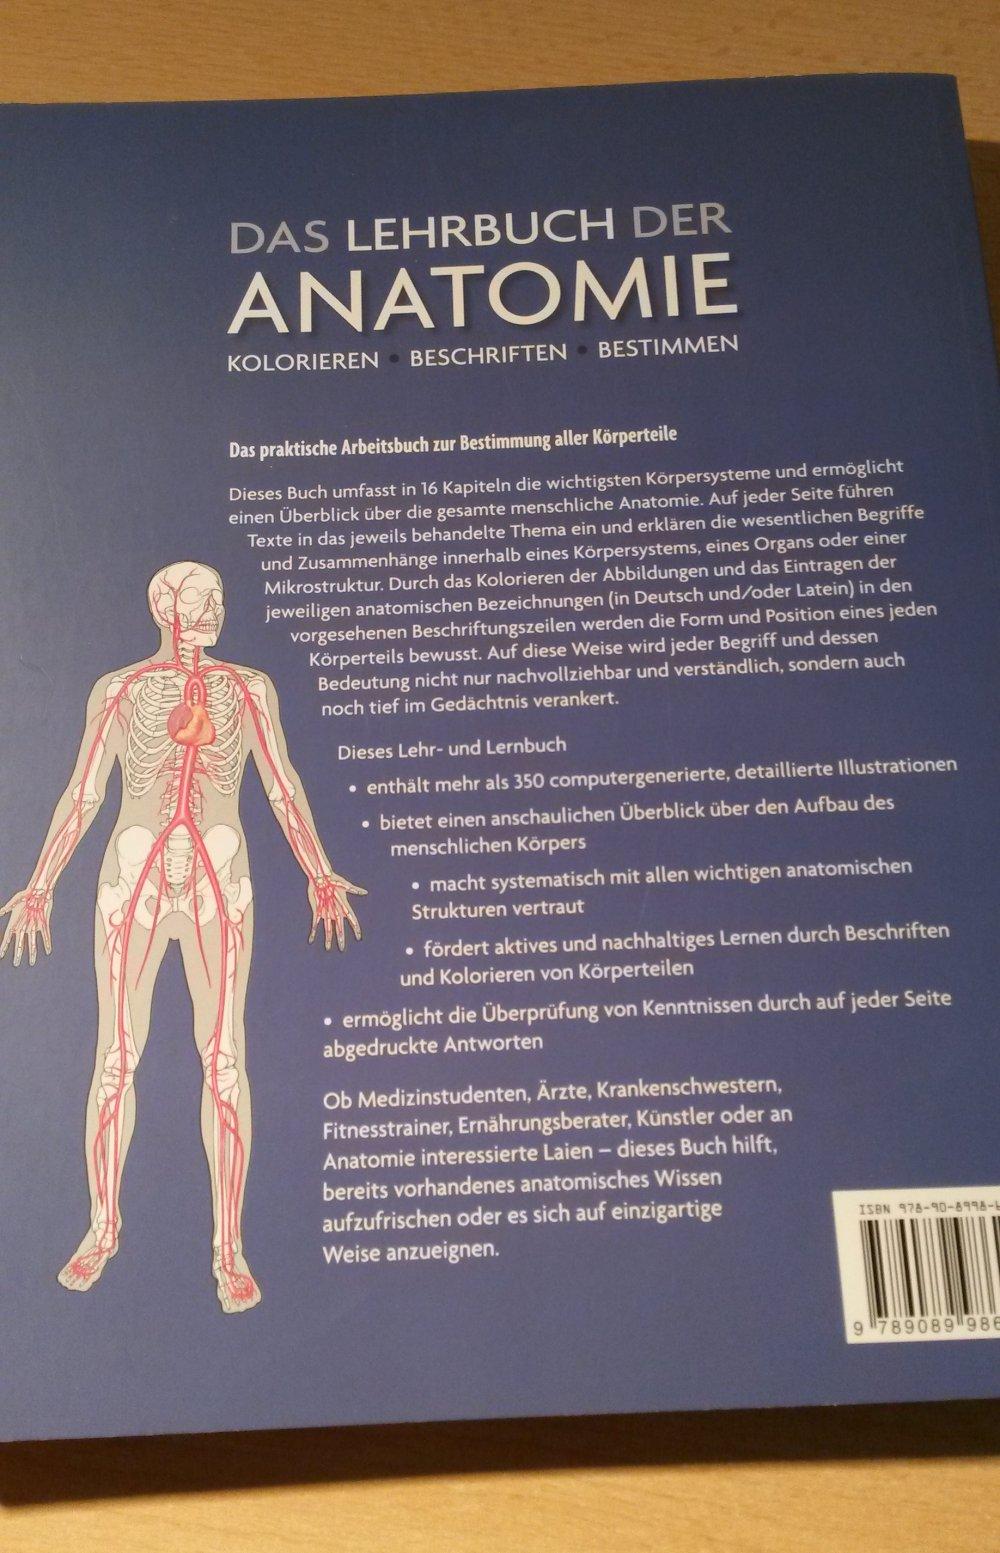 Das Lehrbuch der Anatomie :: Kleiderkorb.de